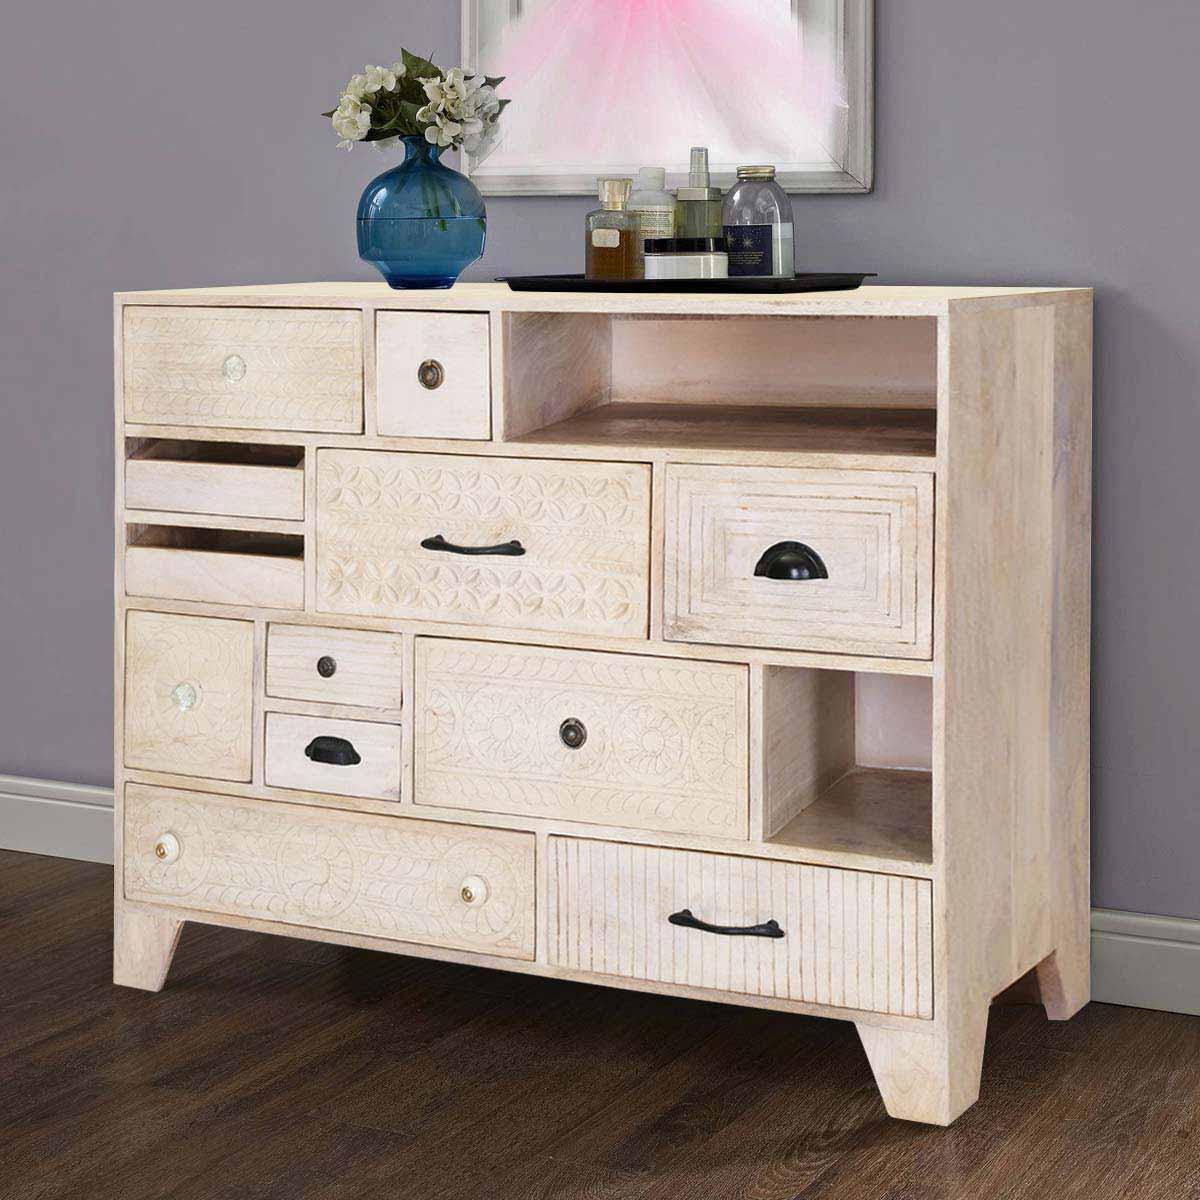 Aspen Handcarved Rustic Solid Wood 12 Drawer Dresser